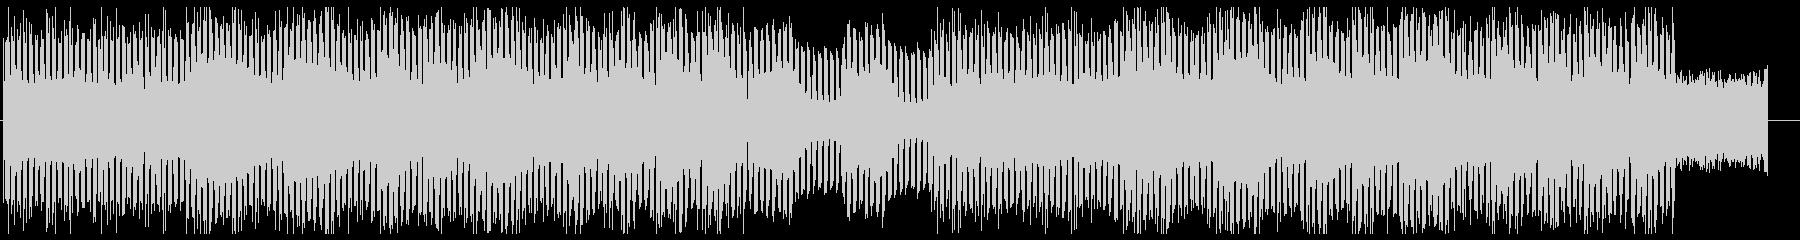 疾走感のあるテクノ調シンセサイザー曲の未再生の波形